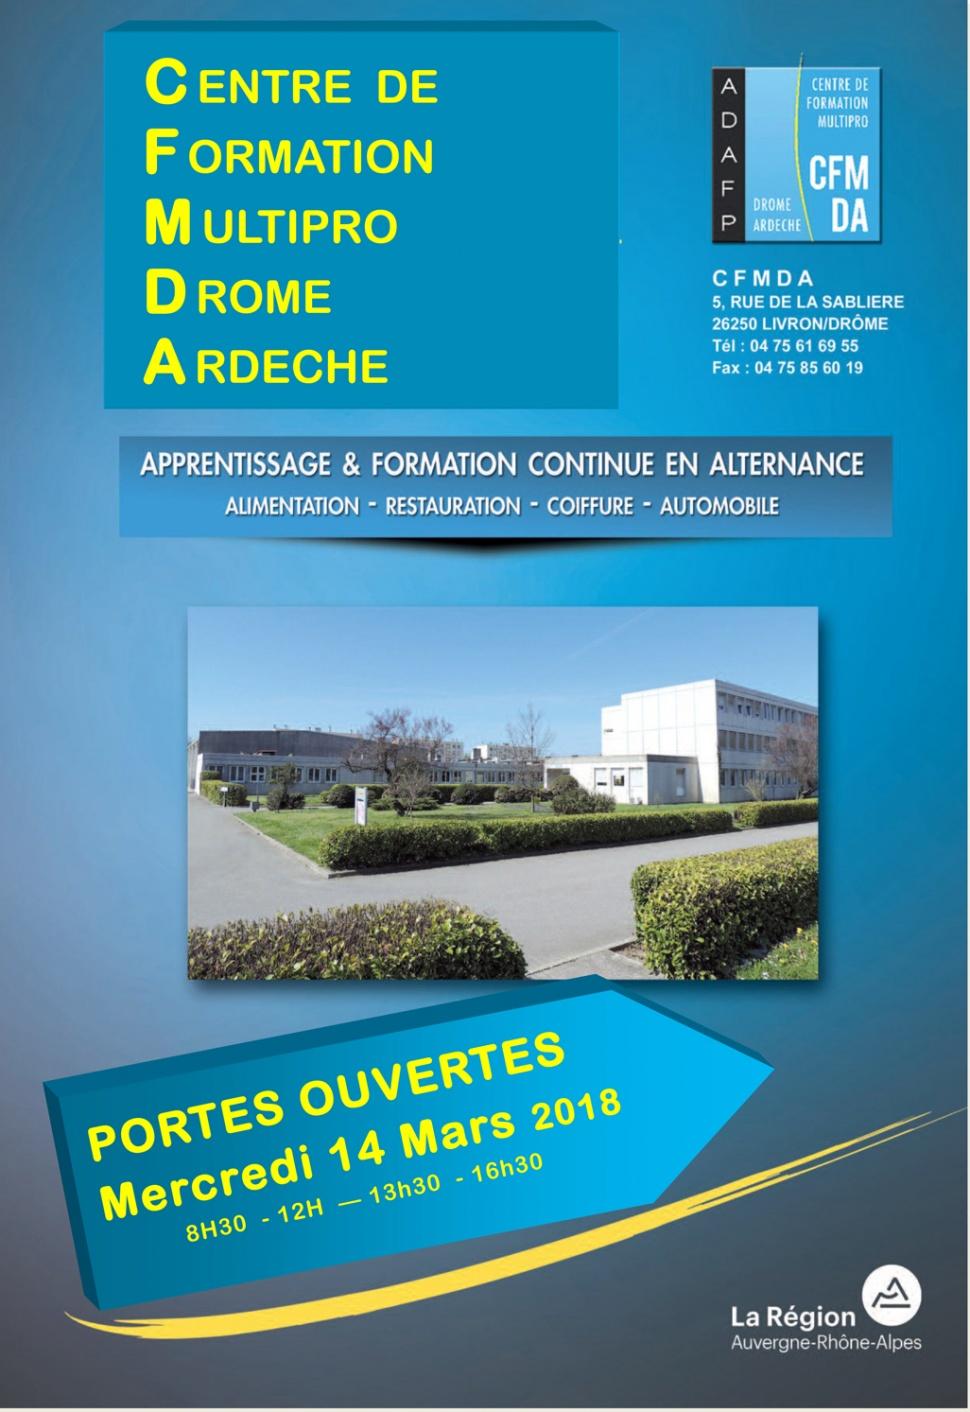 Portes Ouvertes  Centre de Formation Multipro Drôme Ardèche